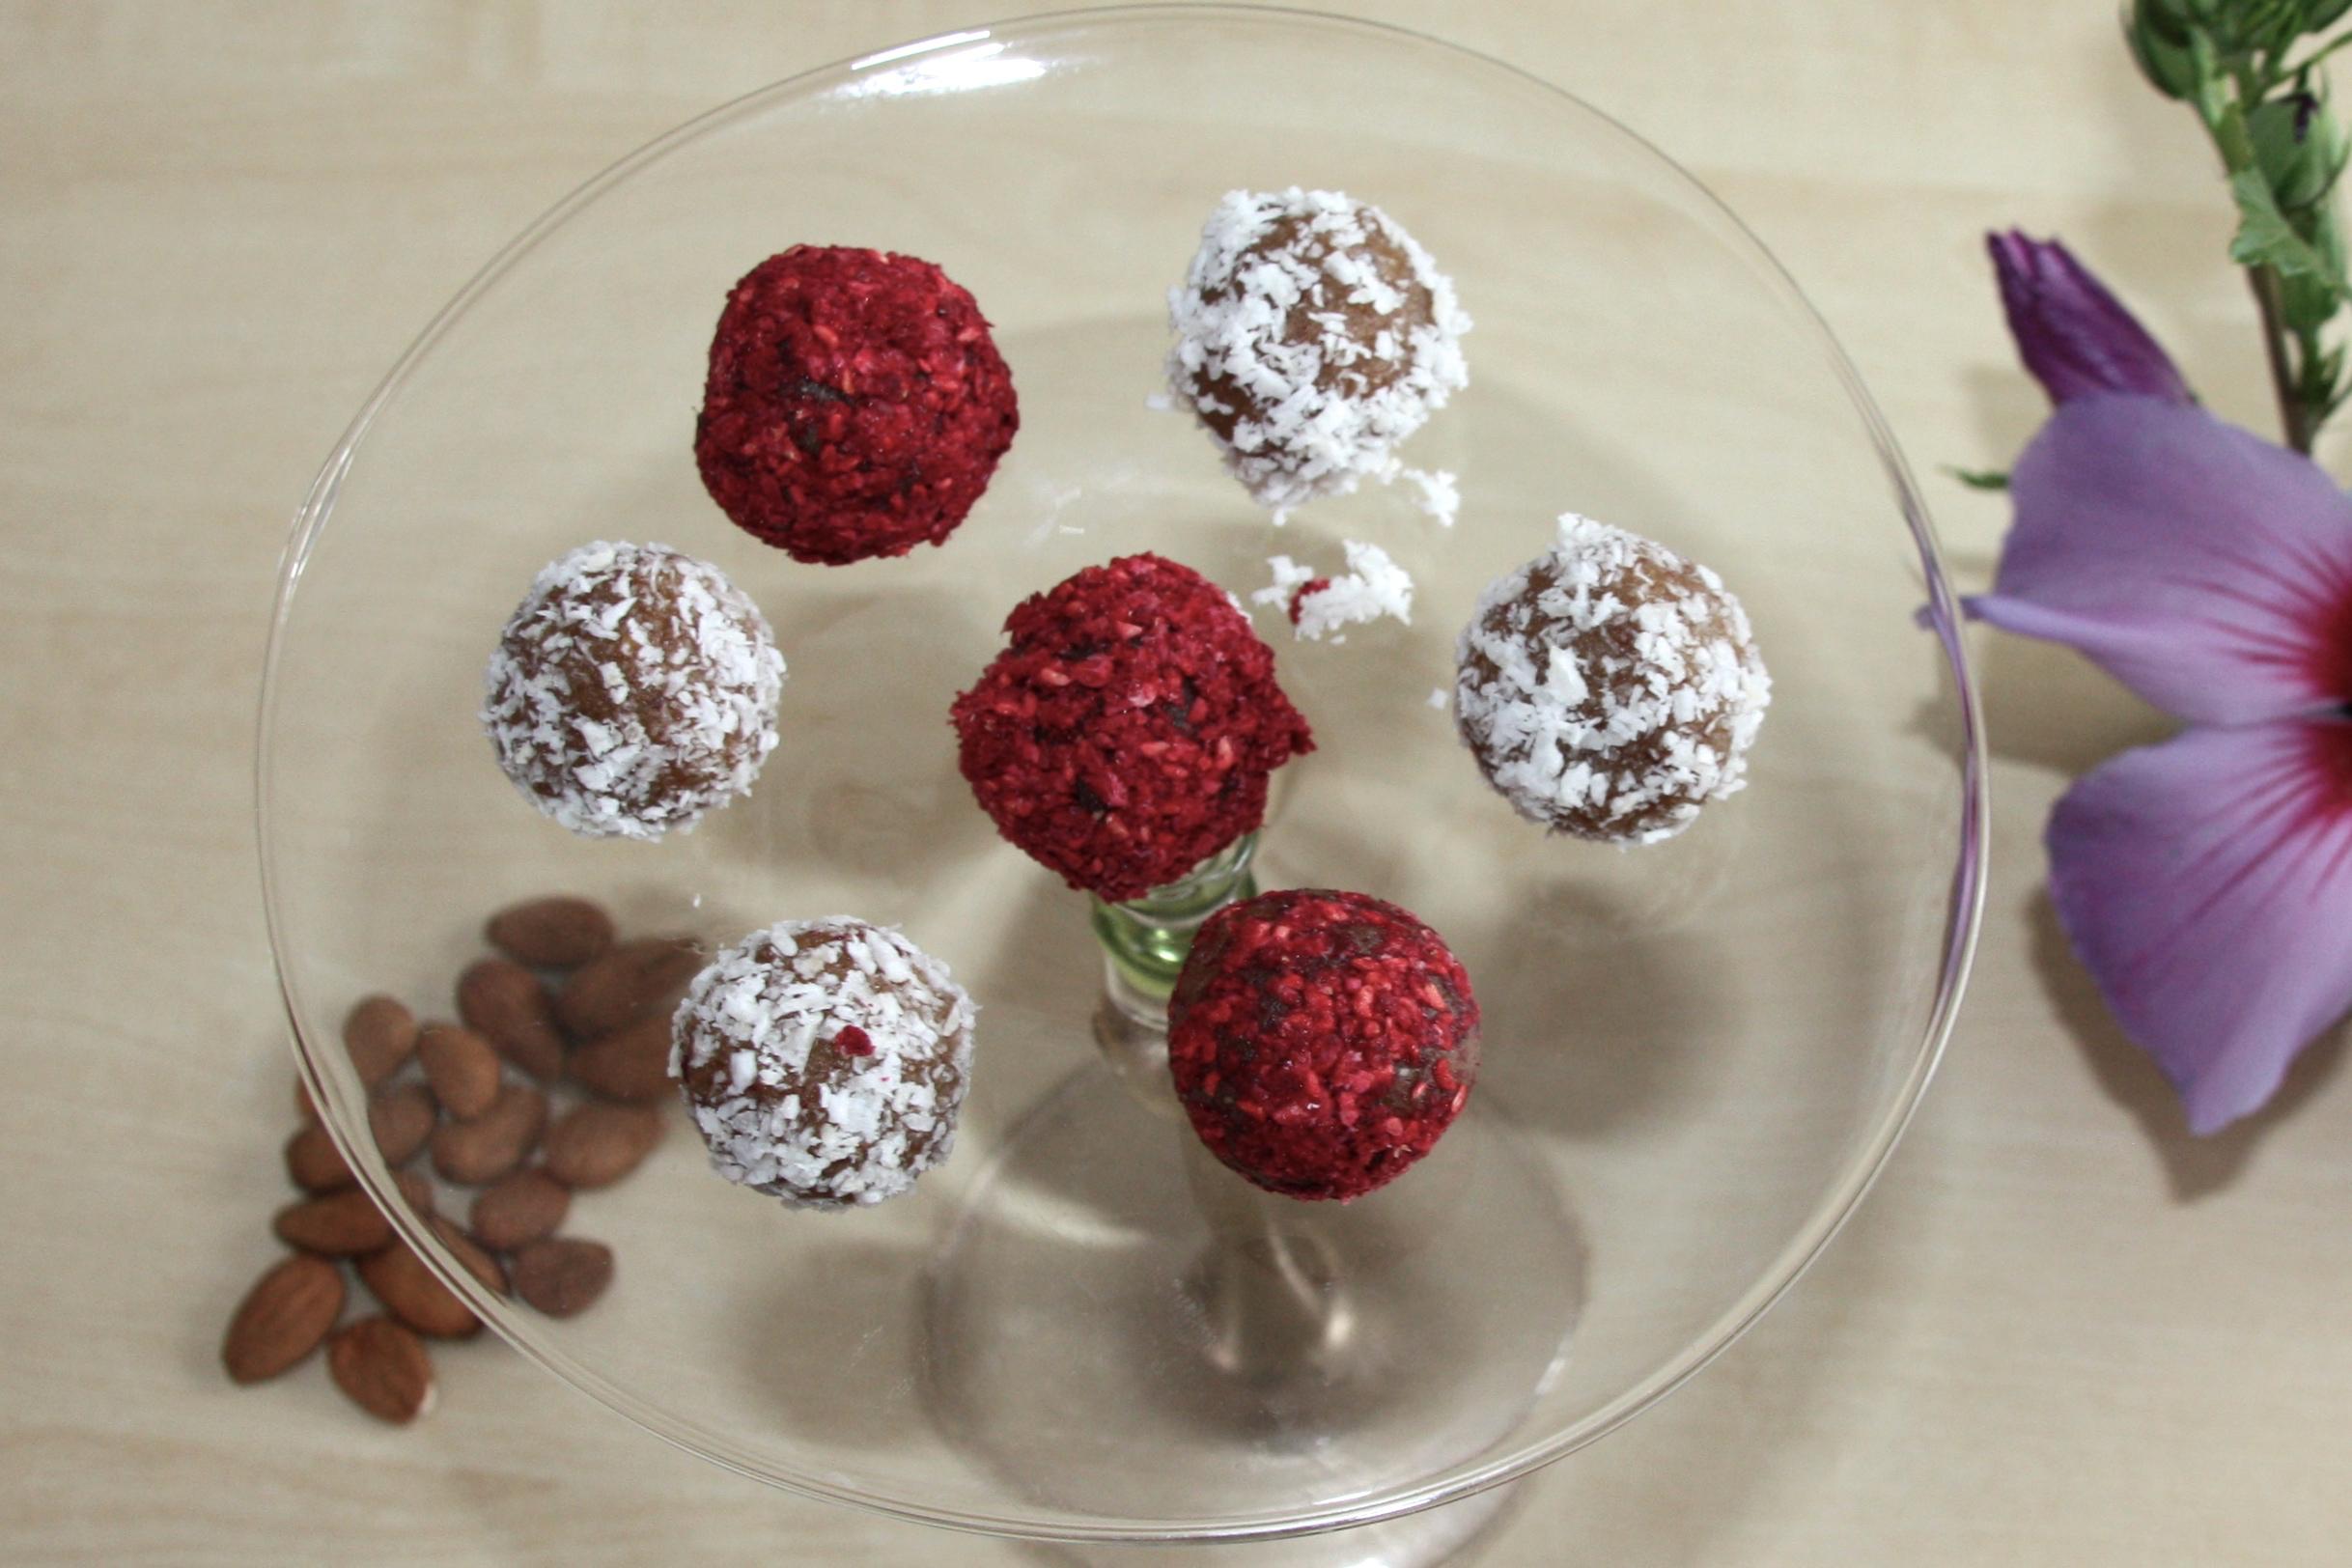 selbst gemachte Pralinen - sehr gesund